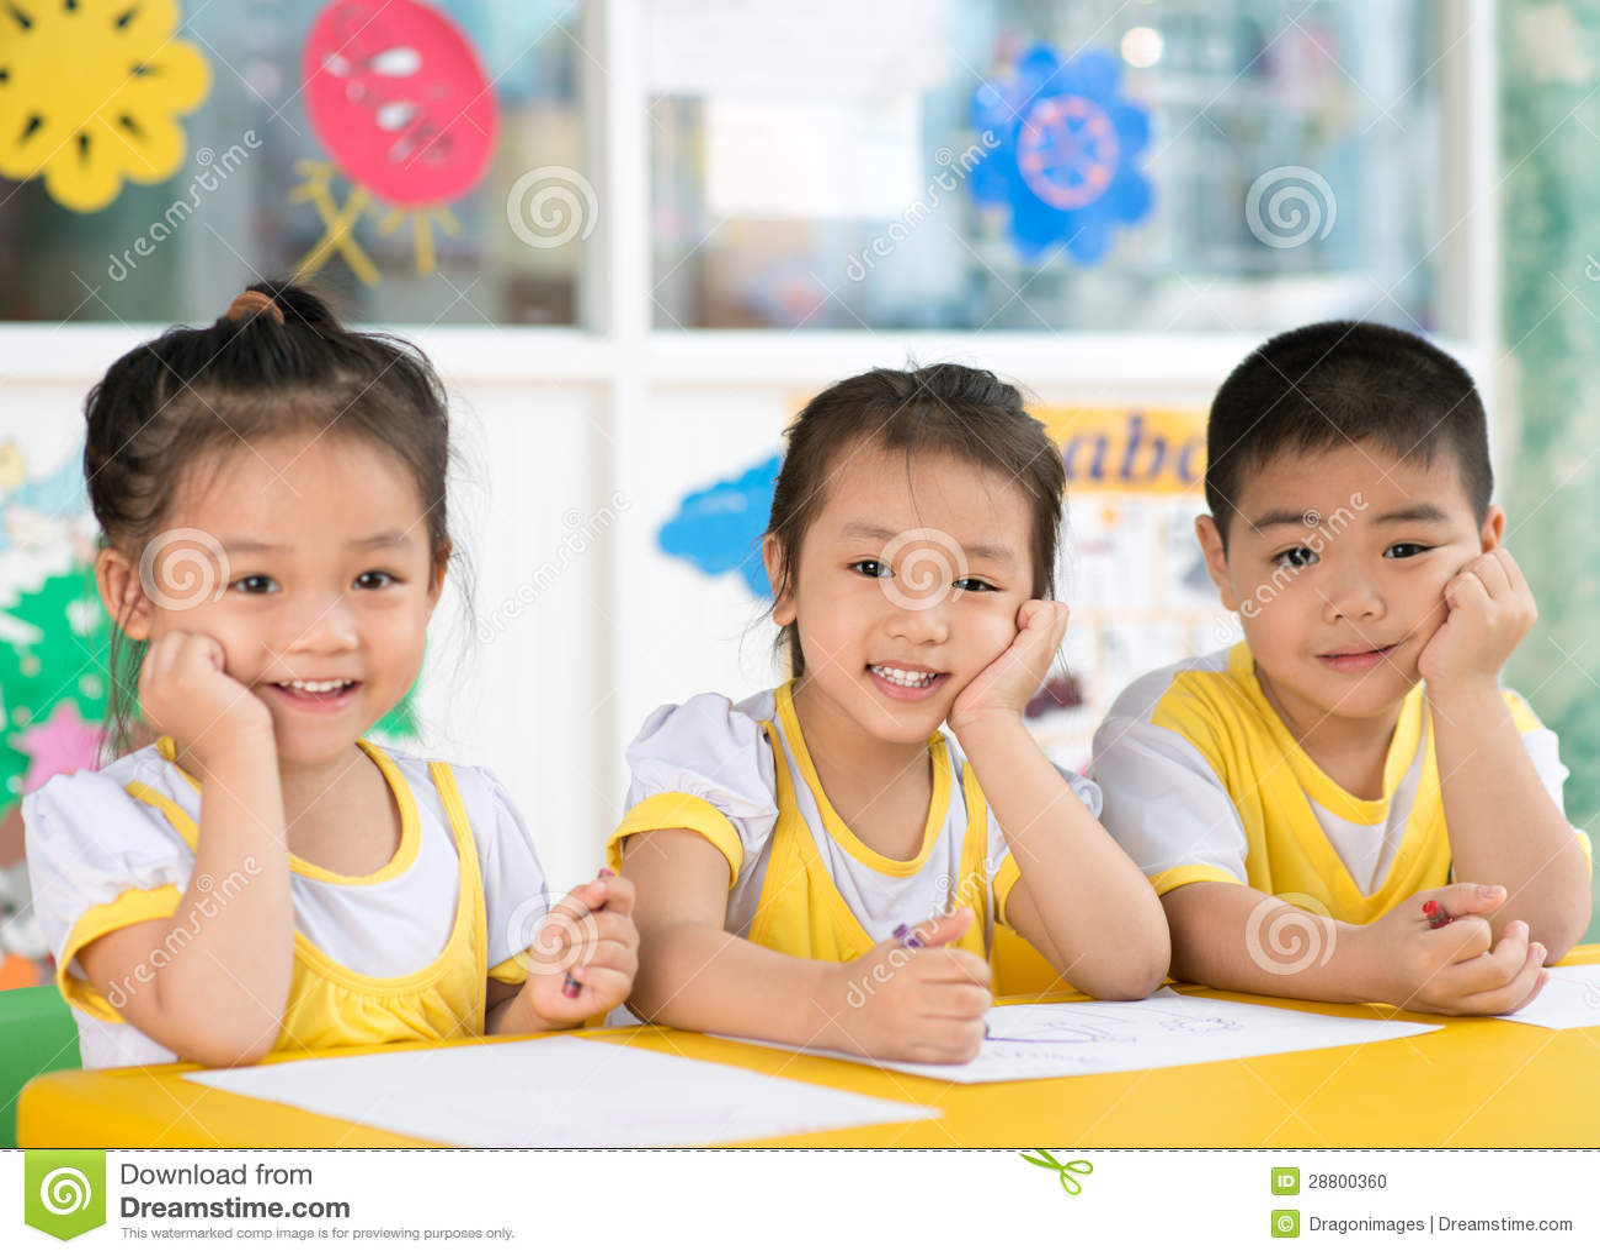 Тайские подростки онлайн 10 фотография